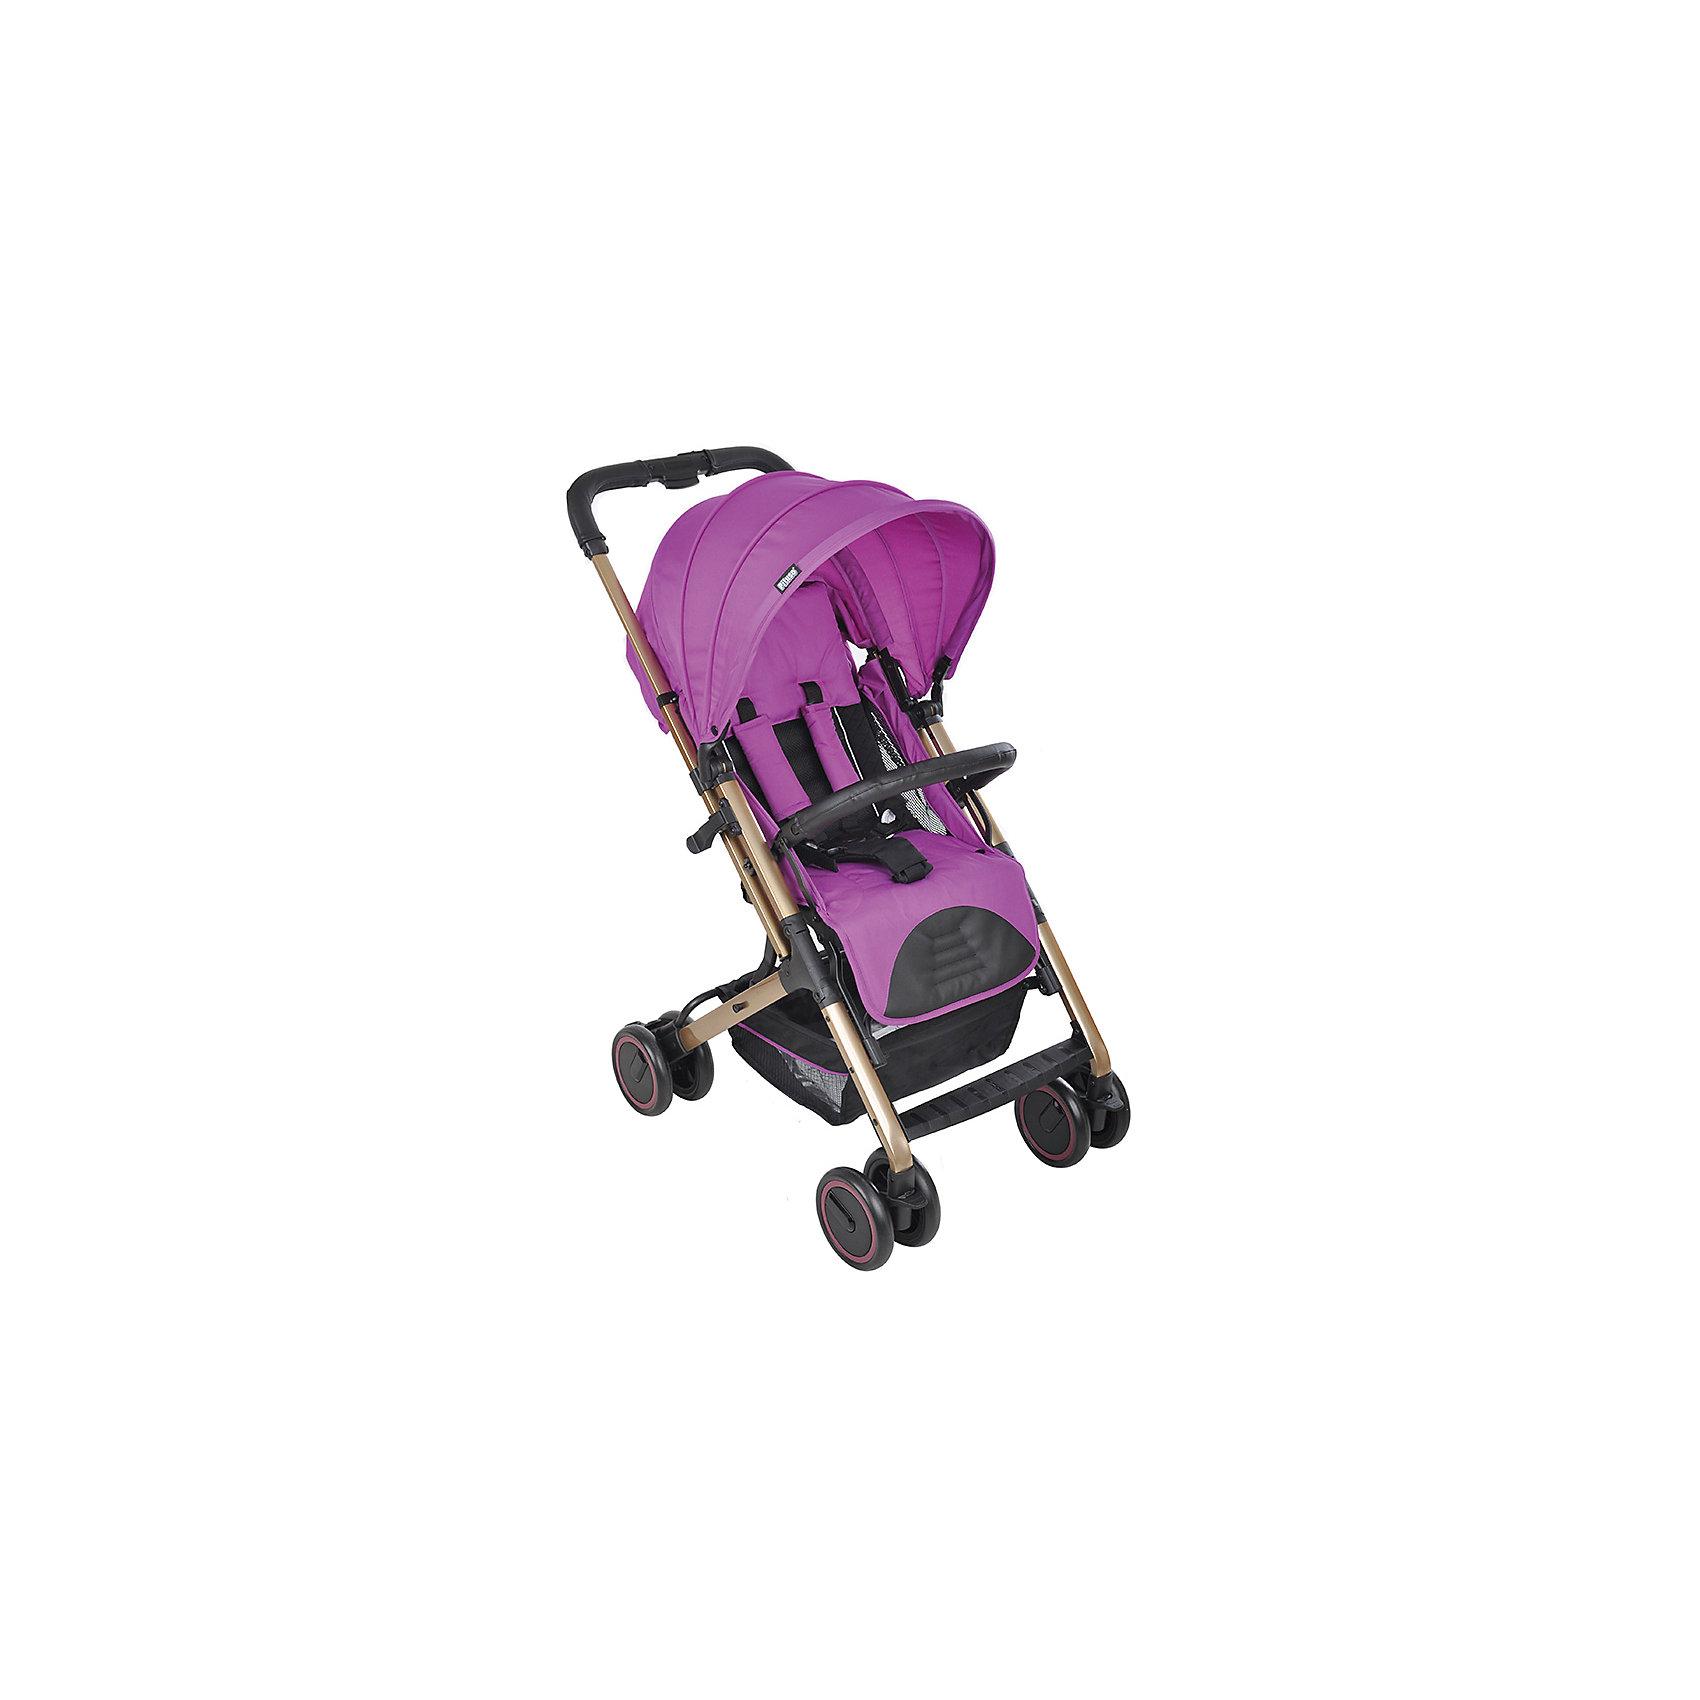 Прогулочная коляска Pituso NAVARRA, фиолетовыйПрогулочные коляски<br>Современная, безопасная, легкая и невероятно удобная прогулочная коляска оснащена системой мультикомпактного складывания, а телескопическая выдвижная ручка позволяет совершать перемещения коляски в сложенном виде. Ткань обивки мягкая и приятная на ощупь. Коляска легко моется и быстро сохнет.<br><br>Характеристики:<br>- Регулировка спинки с помощью ремня;<br>- Передние поворотные колеса;<br>- Общий тормоз задних колес;<br>- 5-ти точечный ремень безопасности с мягкими накладками;<br>- Жесткое сиденье;<br>- Съемный бампер;<br>- Корзина для покупок;<br>- Алюминиевая рама с покрытием;<br>- Выдвижная телескопическая ручка, удобная для передвижения коляски в сложенном виде;<br>- Эргономичный матрас выполнен из дышащей ткани;<br>- Съемный подголовник-подушка;<br>- Боковая вентиляция сиденья;<br>- Мультикомпактное сложение;<br>- Кожаные накладки на ручки.<br> Комплектация:<br> - Корзина для принадлежностей.<br><br>Дополнительная информация:<br><br>- Цвет: фиолетовый.<br>- Размер упаковки: 100х51х80 см.<br>- Вес в упаковке: 6100 г.<br><br>Купить прогулочную коляску NAVARRA, Pituso, в фиолетовом цвете, можно в нашем магазине.<br><br>Ширина мм: 1000<br>Глубина мм: 510<br>Высота мм: 800<br>Вес г: 6100<br>Возраст от месяцев: 6<br>Возраст до месяцев: 36<br>Пол: Женский<br>Возраст: Детский<br>SKU: 4828348